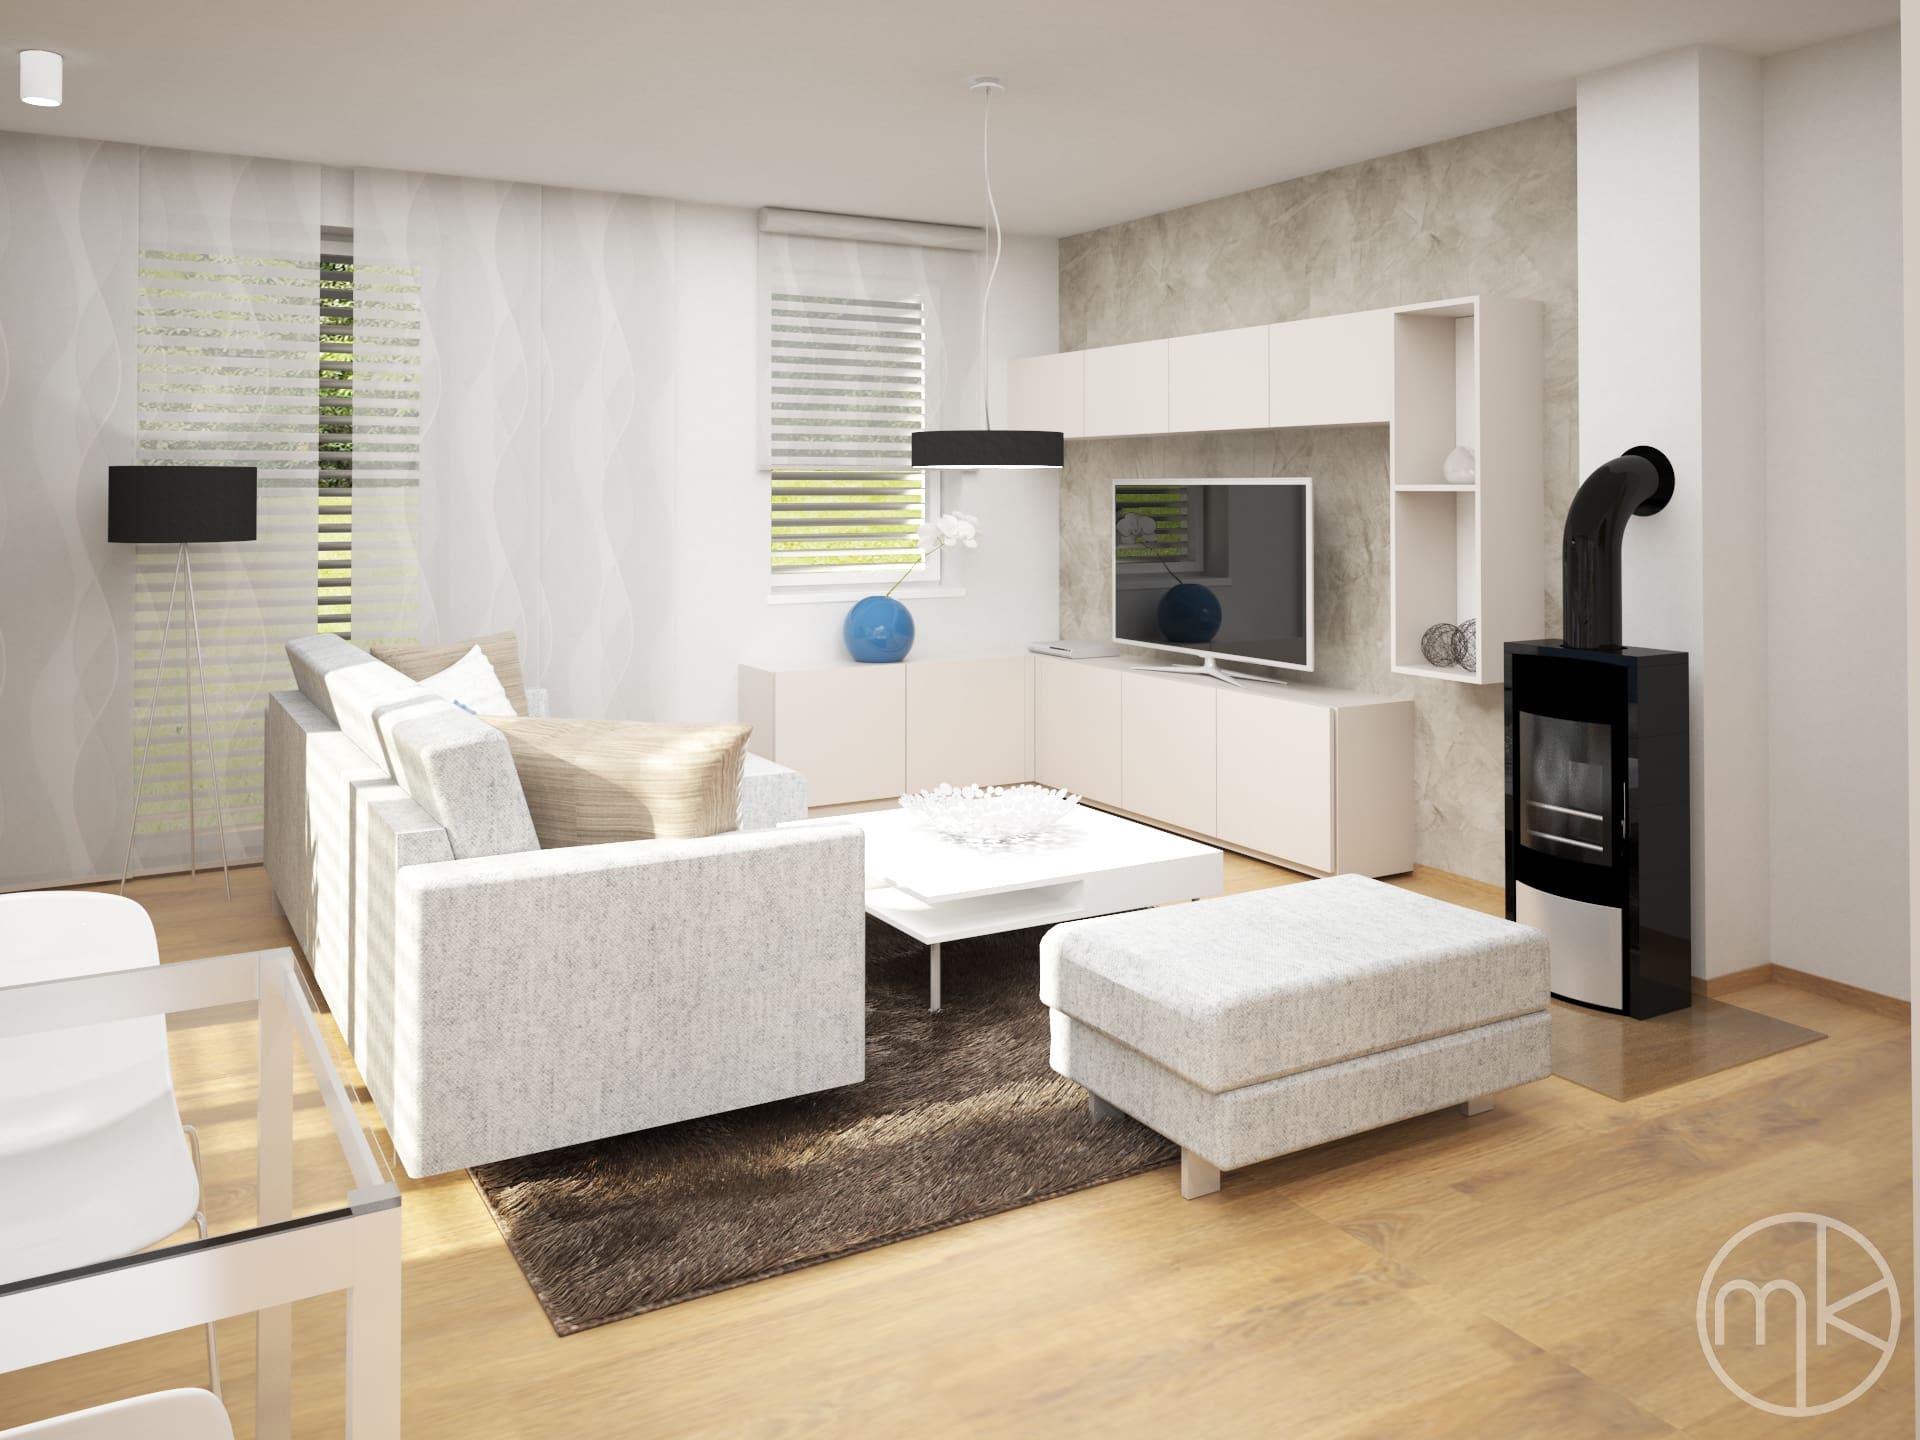 Televizní sestava vedle krbu v obývacím pokoji